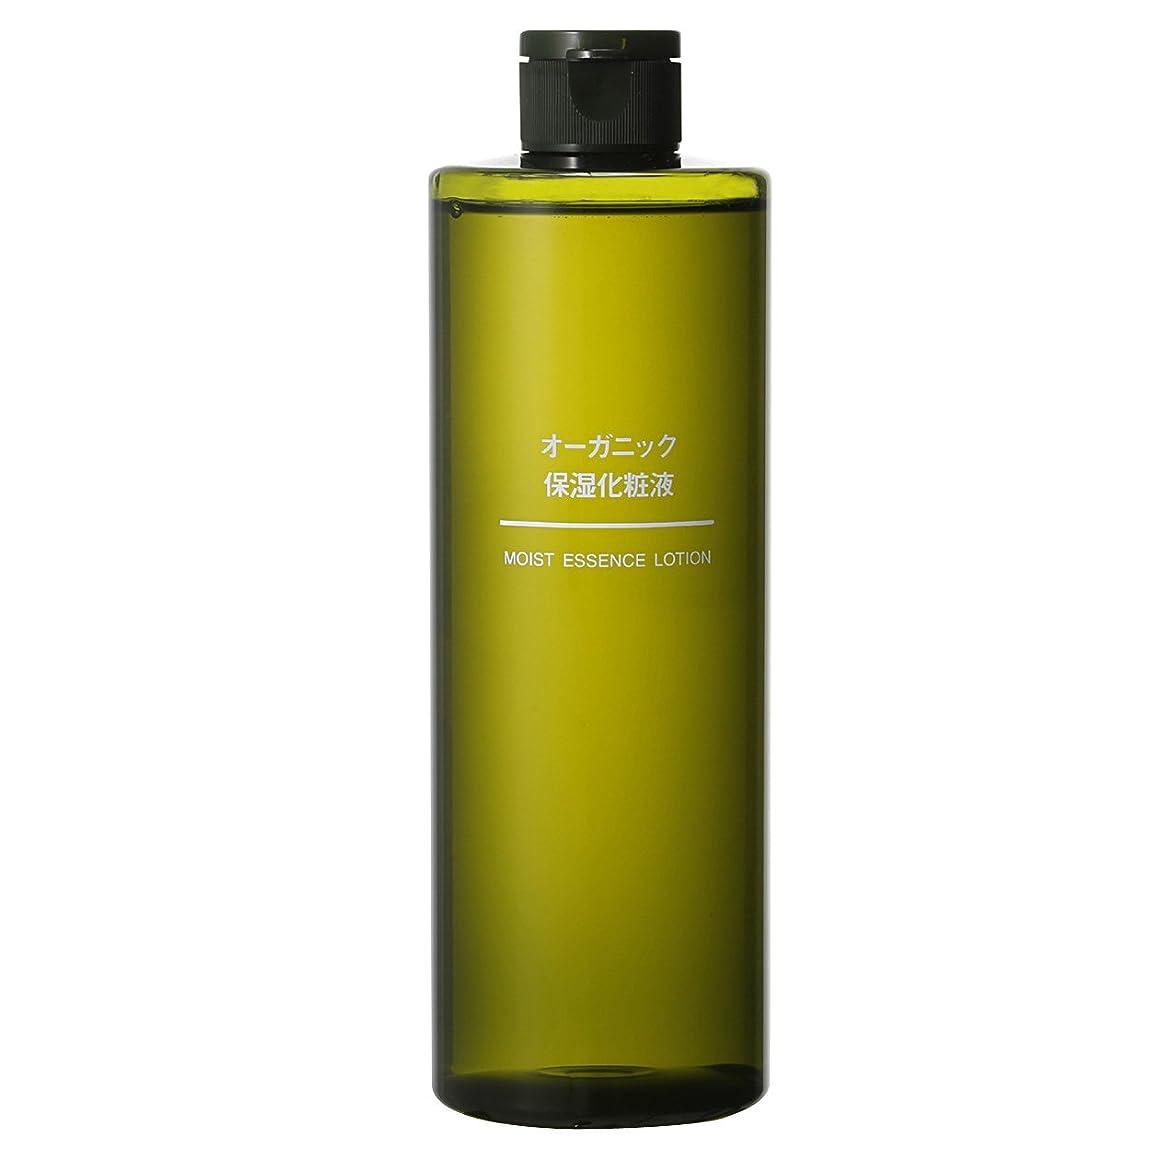 制限お金ゴムヘッジ無印良品 オーガニック保湿化粧液(大容量) 400ml